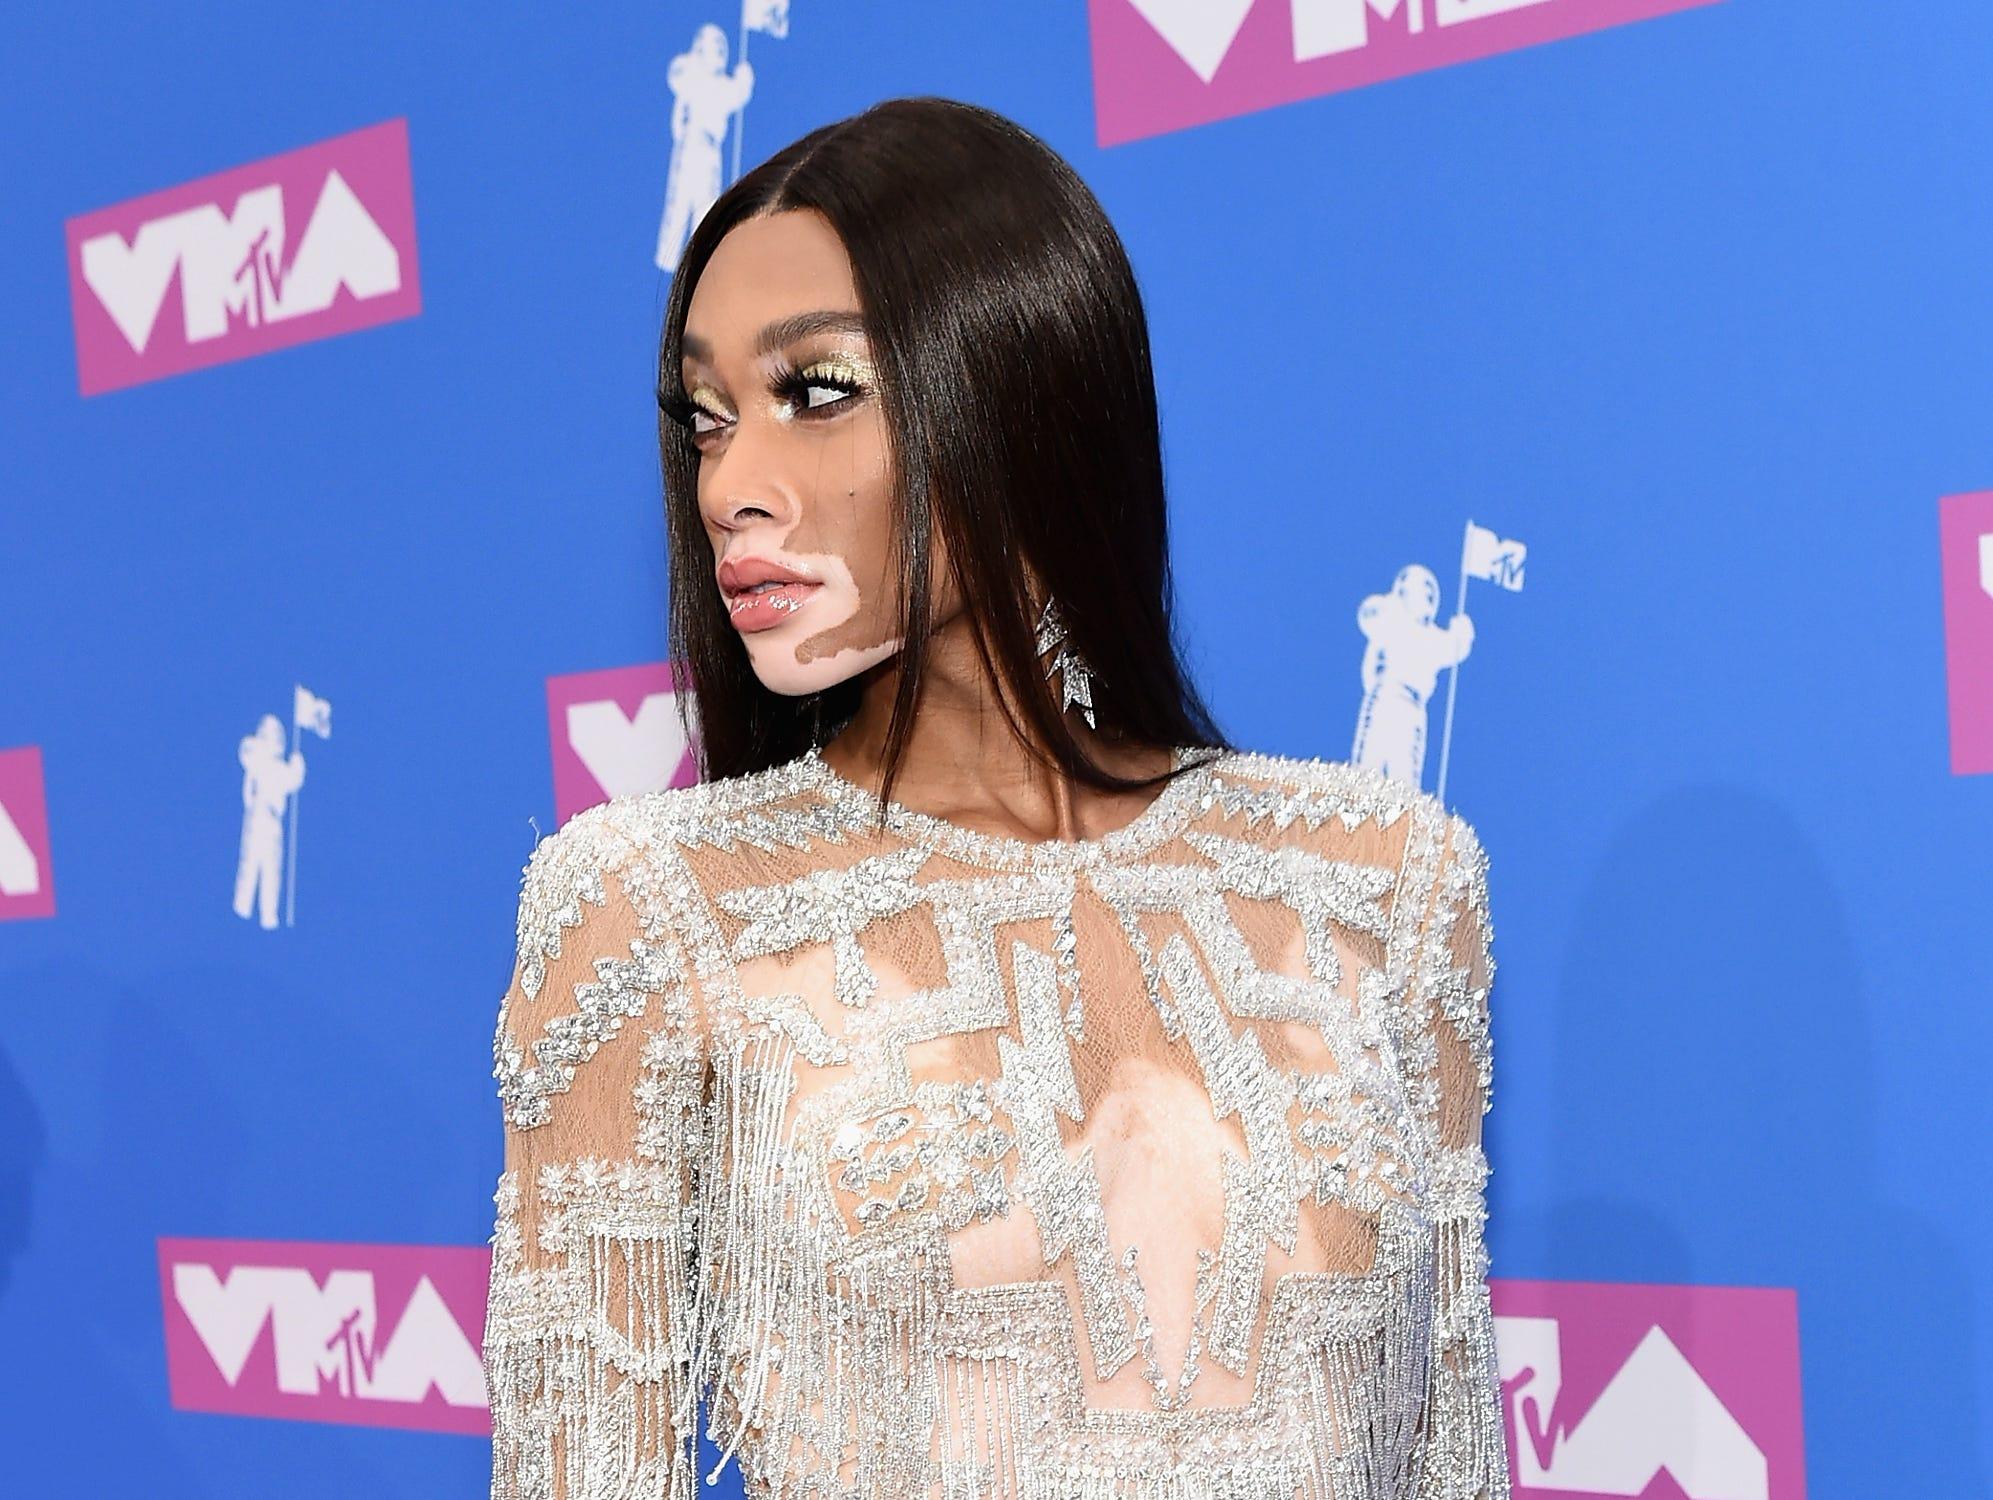 Winnie Harlow asiste a los MTV Video Music Awards 2018 en el Radio City Music Hall el 20 de agosto de 2018 en la ciudad de Nueva York.